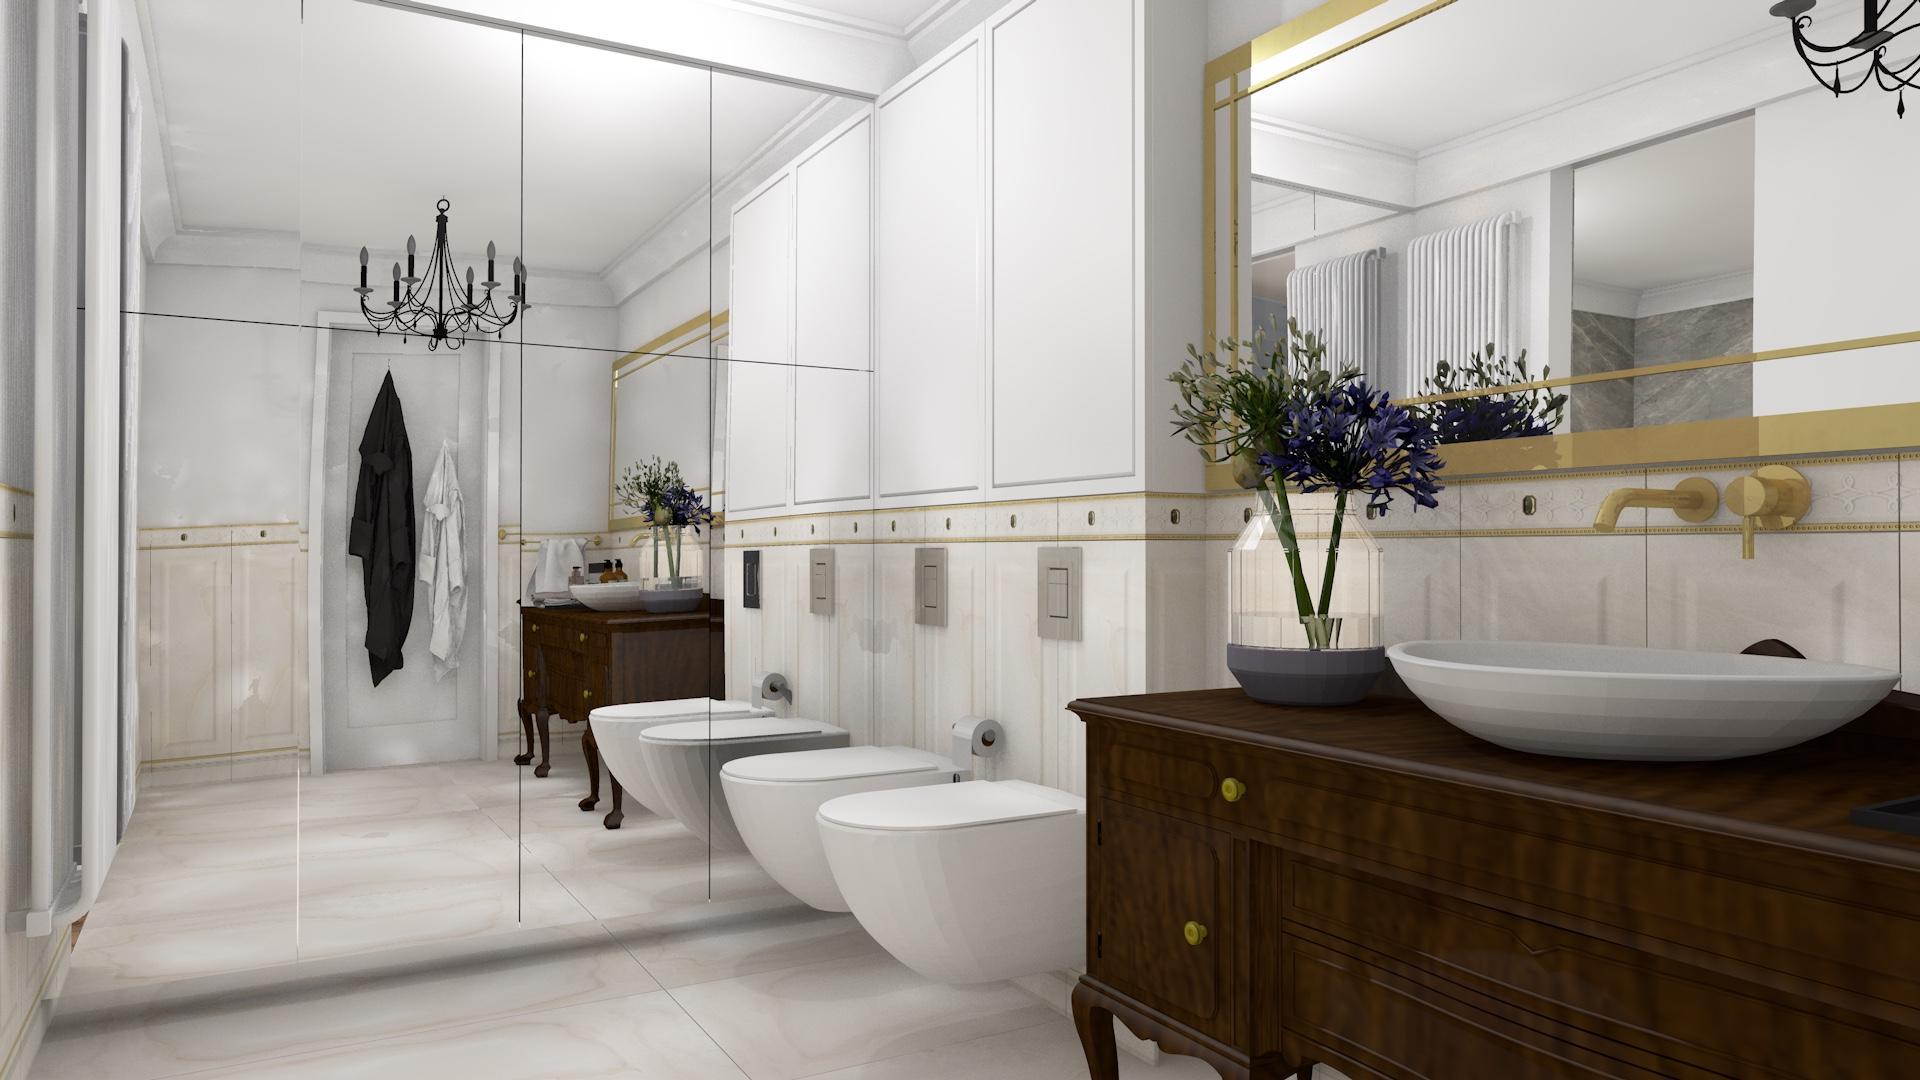 Projekt wnętrza ekskluzywnej łazienki w stylu glamour ze złotymi akcentami